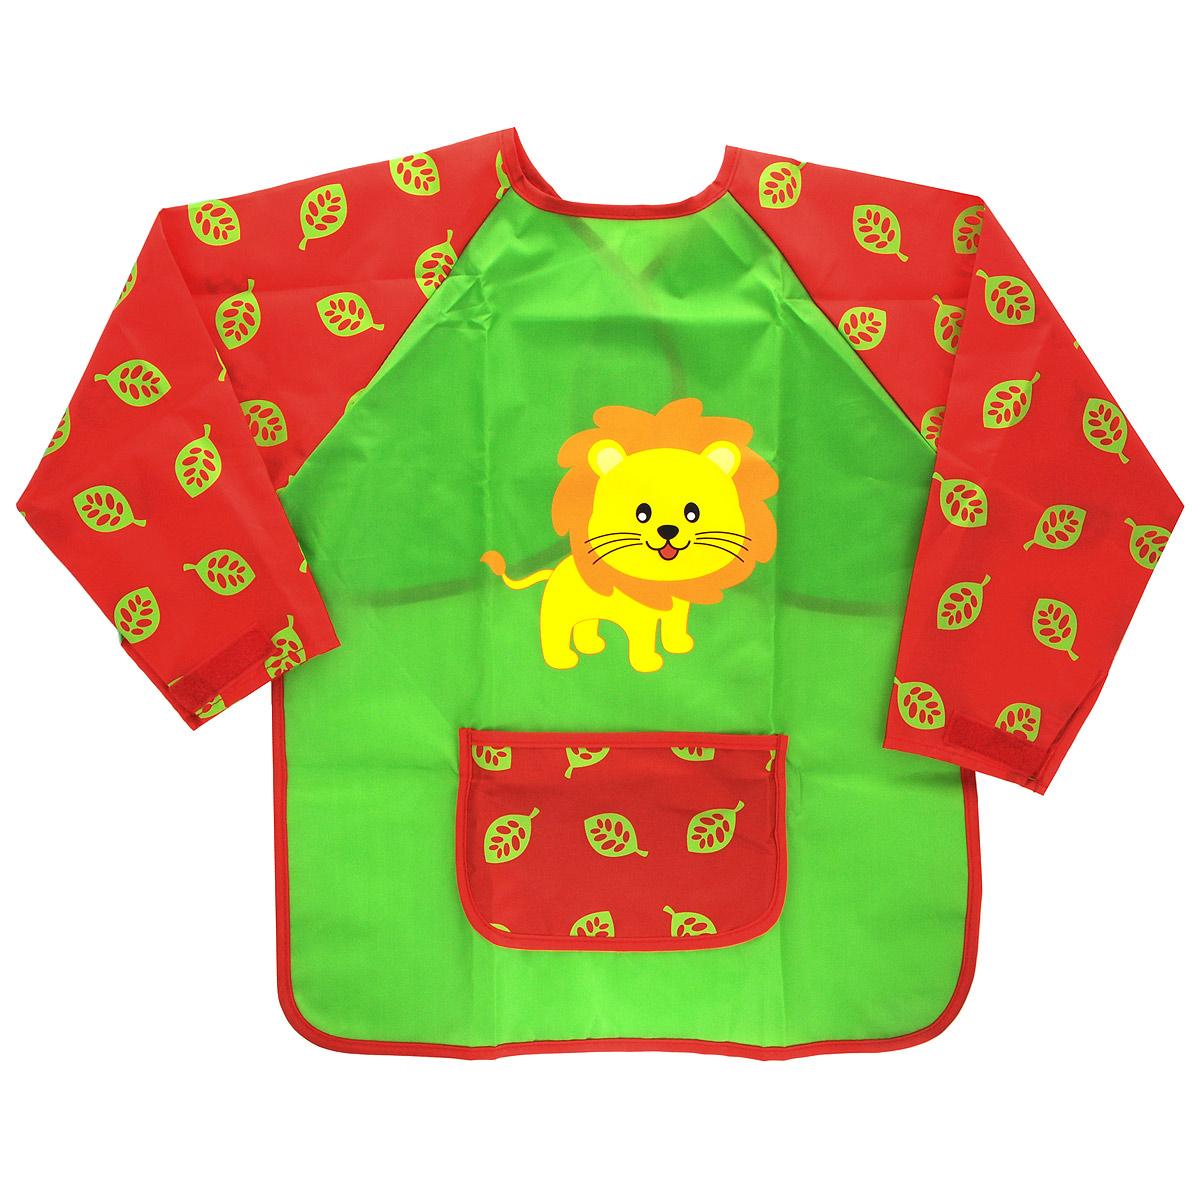 Фартук-накидка для детского творчества Erich Krause Art Berry: Art Smock, на липучке, цвет: зеленый erich krause пластилин мягкий art berry цвет коричневый